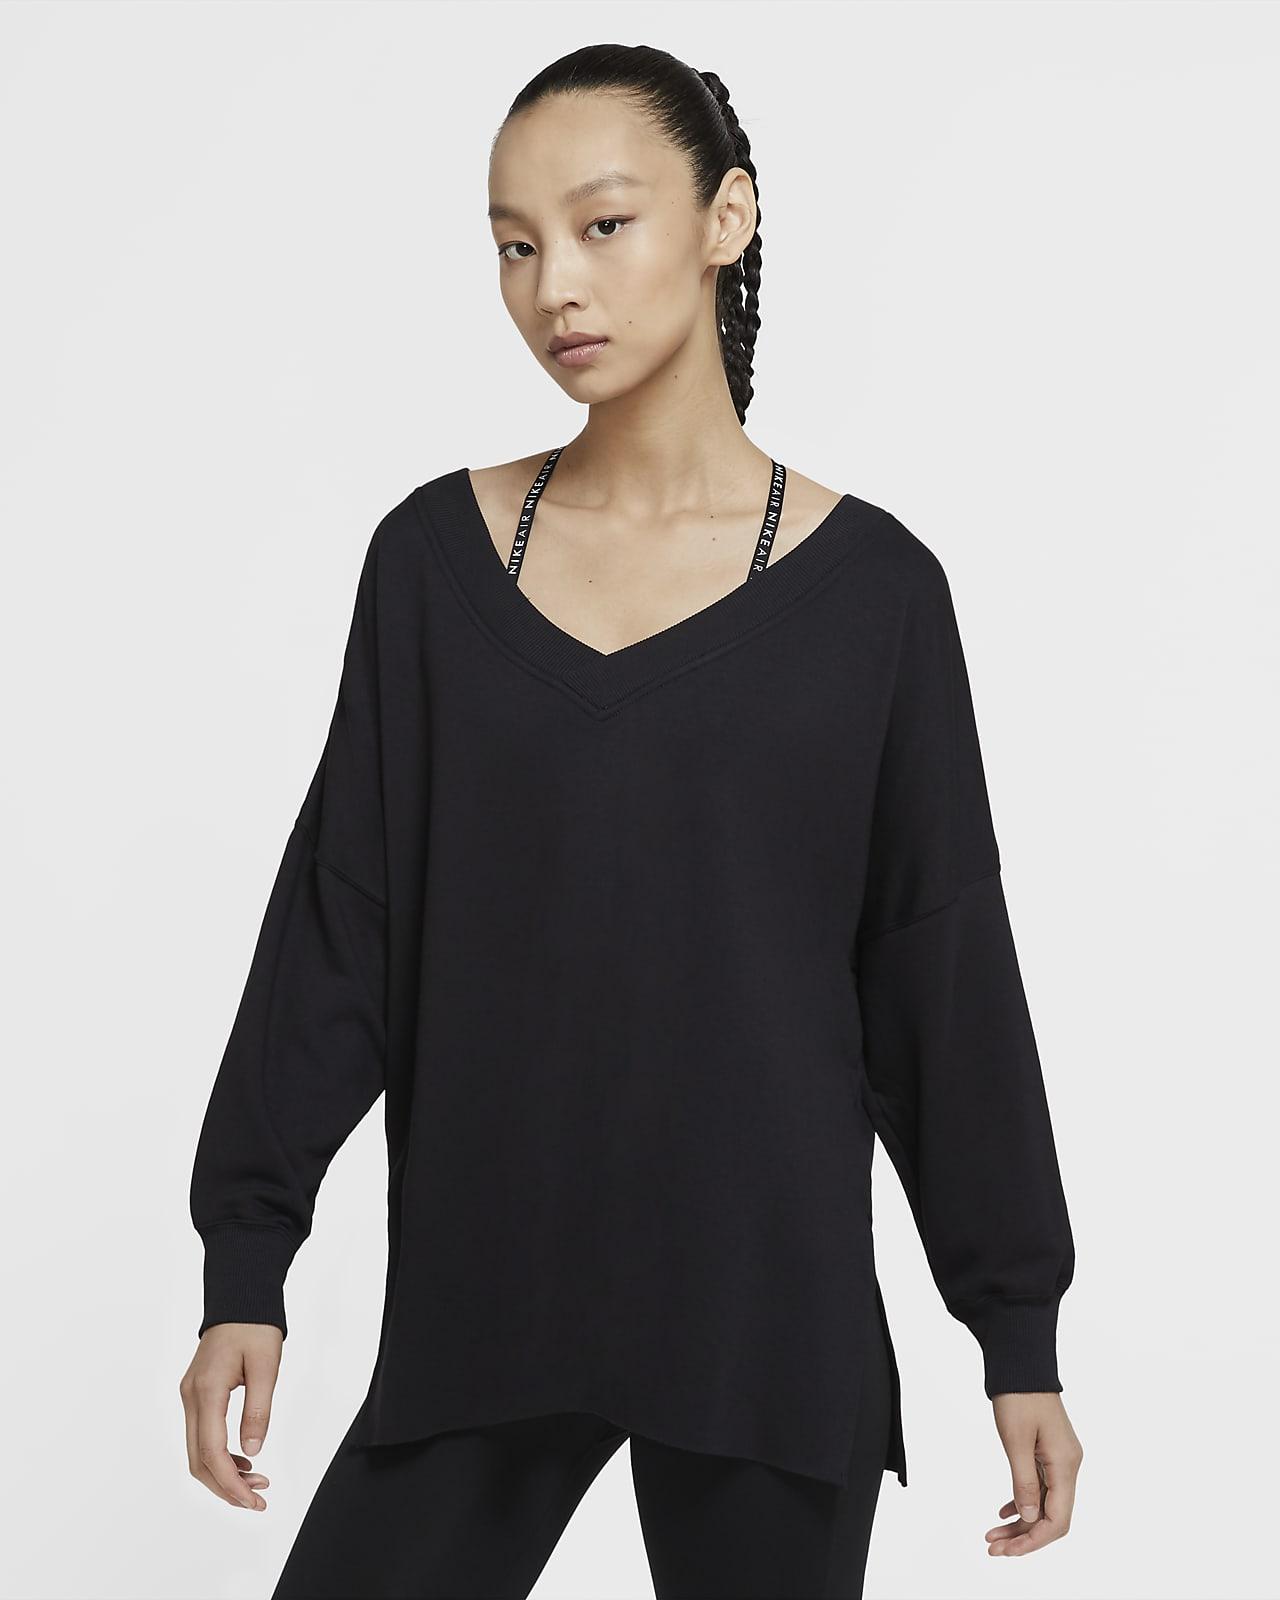 Nike Yoga Women's Fleece Cover Up